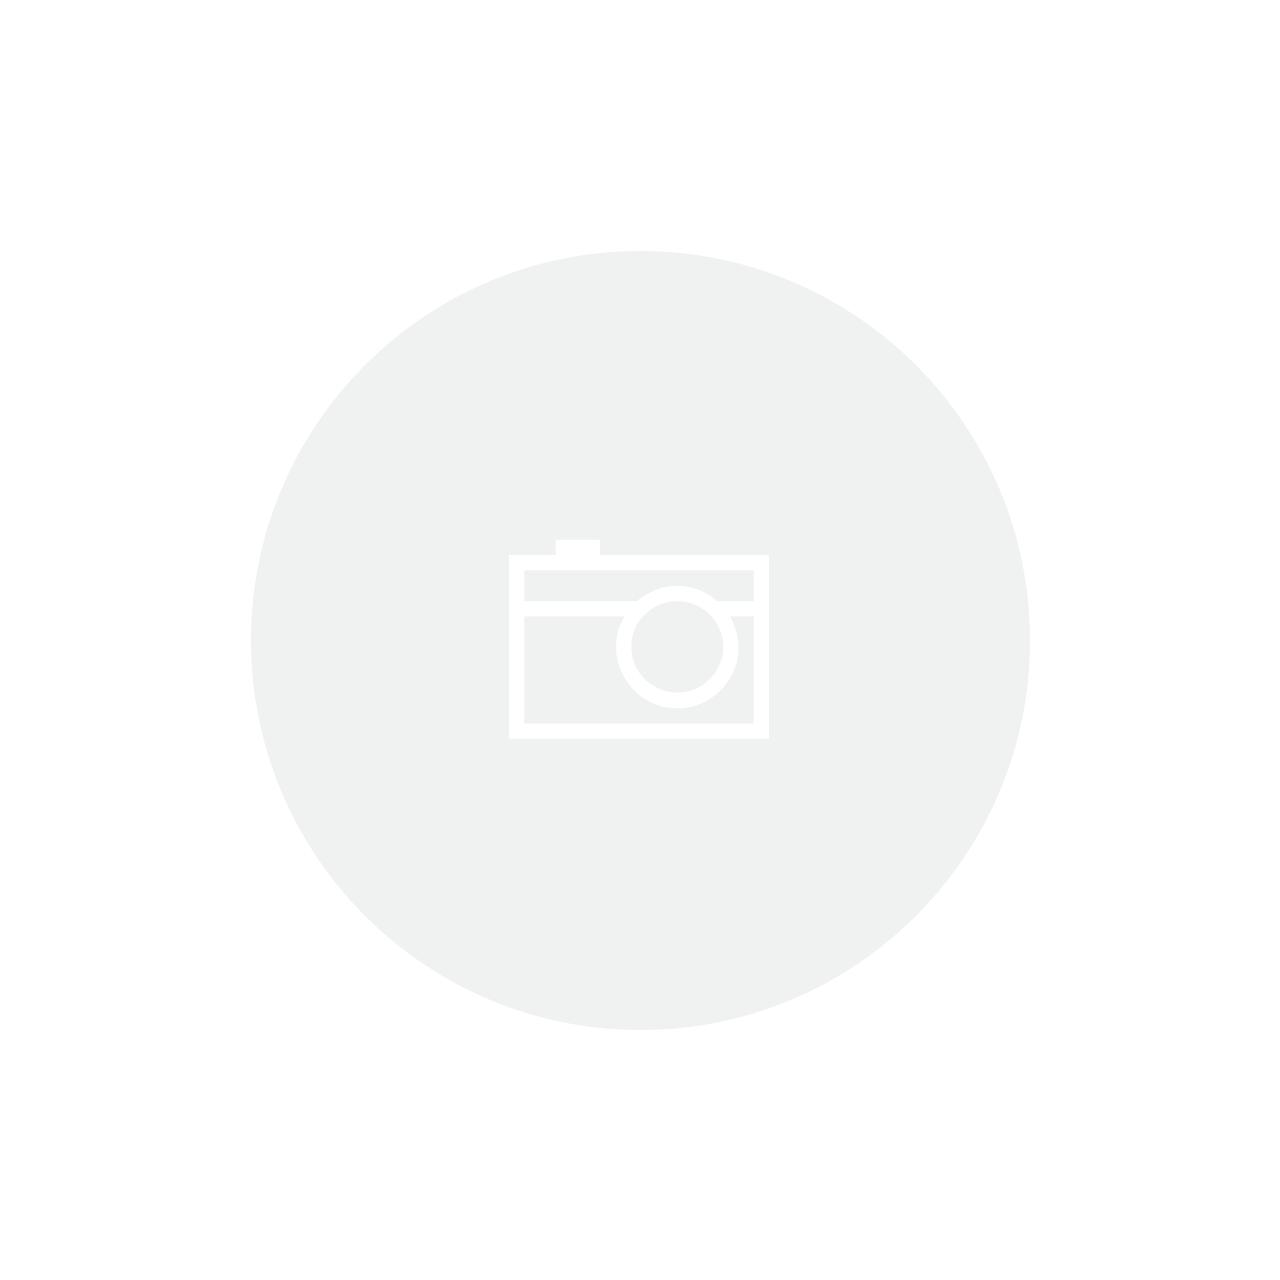 Osciloscópio Digital 50MHZ 2Ch C/ Gerador Funções ROHDE